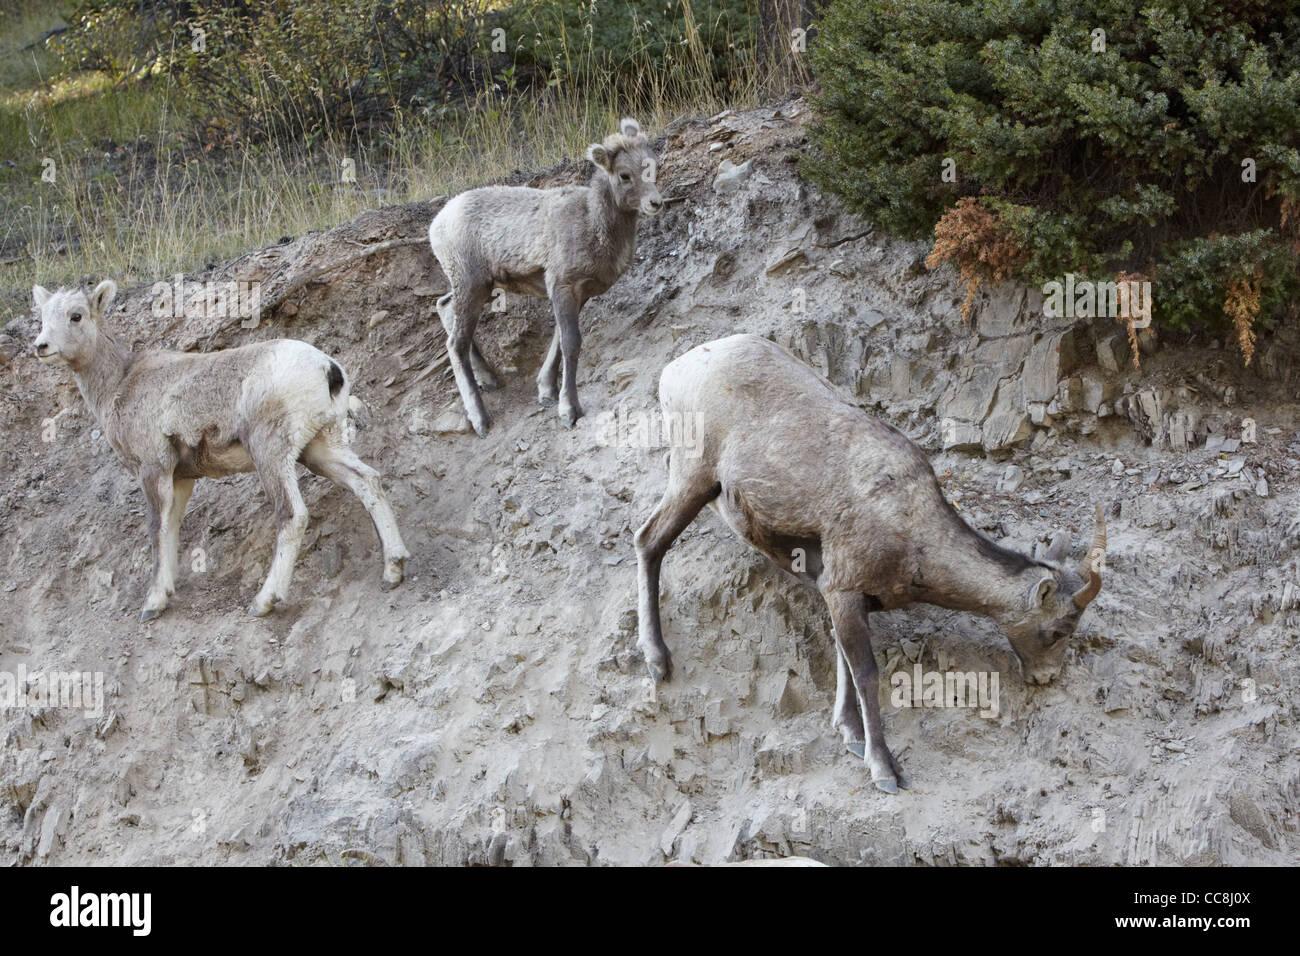 Parks big deer lick images 132